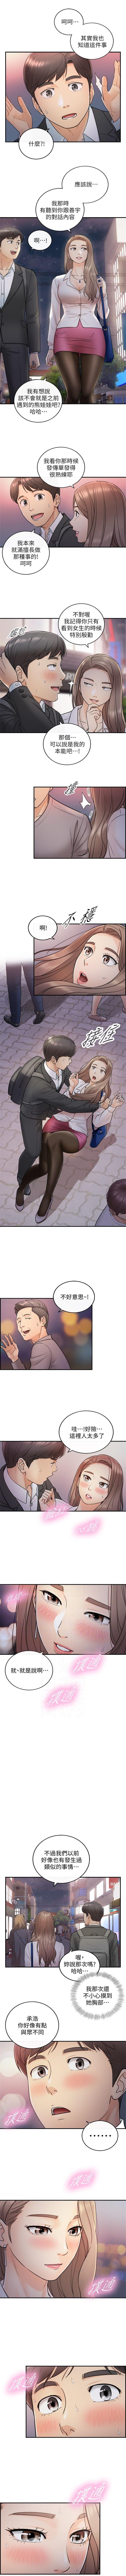 (周5)正妹小主管 1-26 中文翻译(更新中) 78